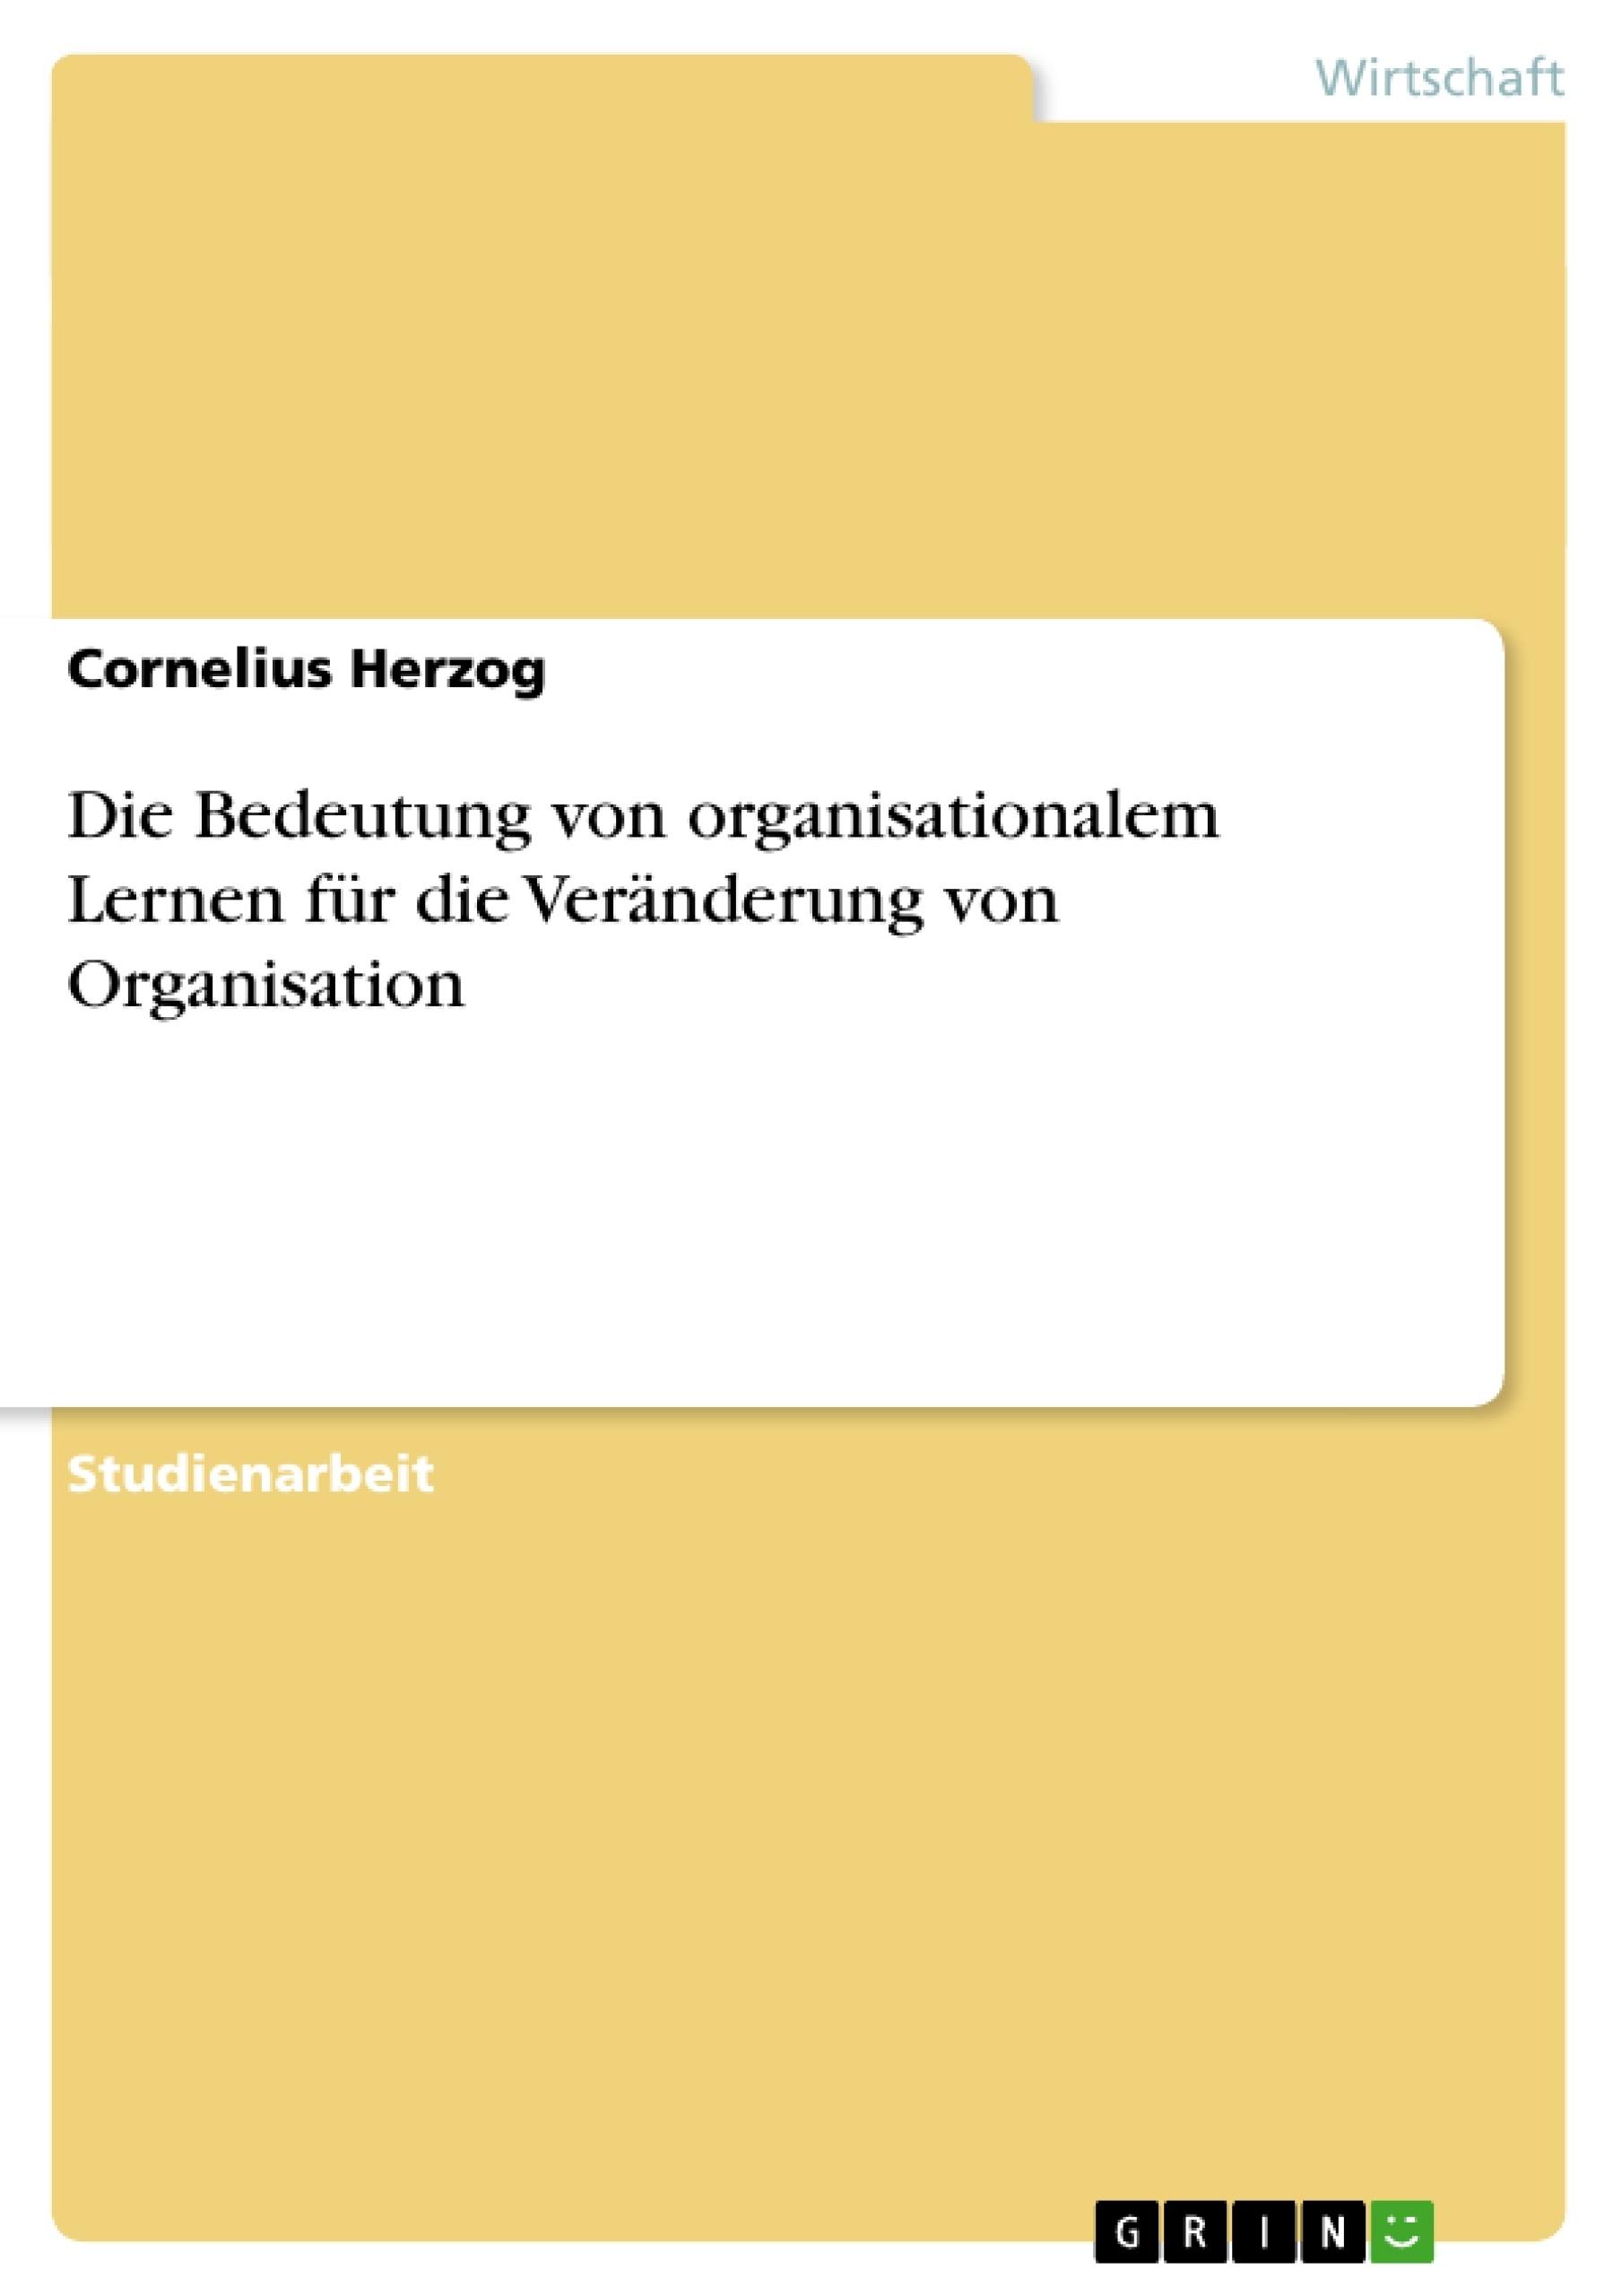 Titel: Die Bedeutung von organisationalem Lernen für die Veränderung von Organisation